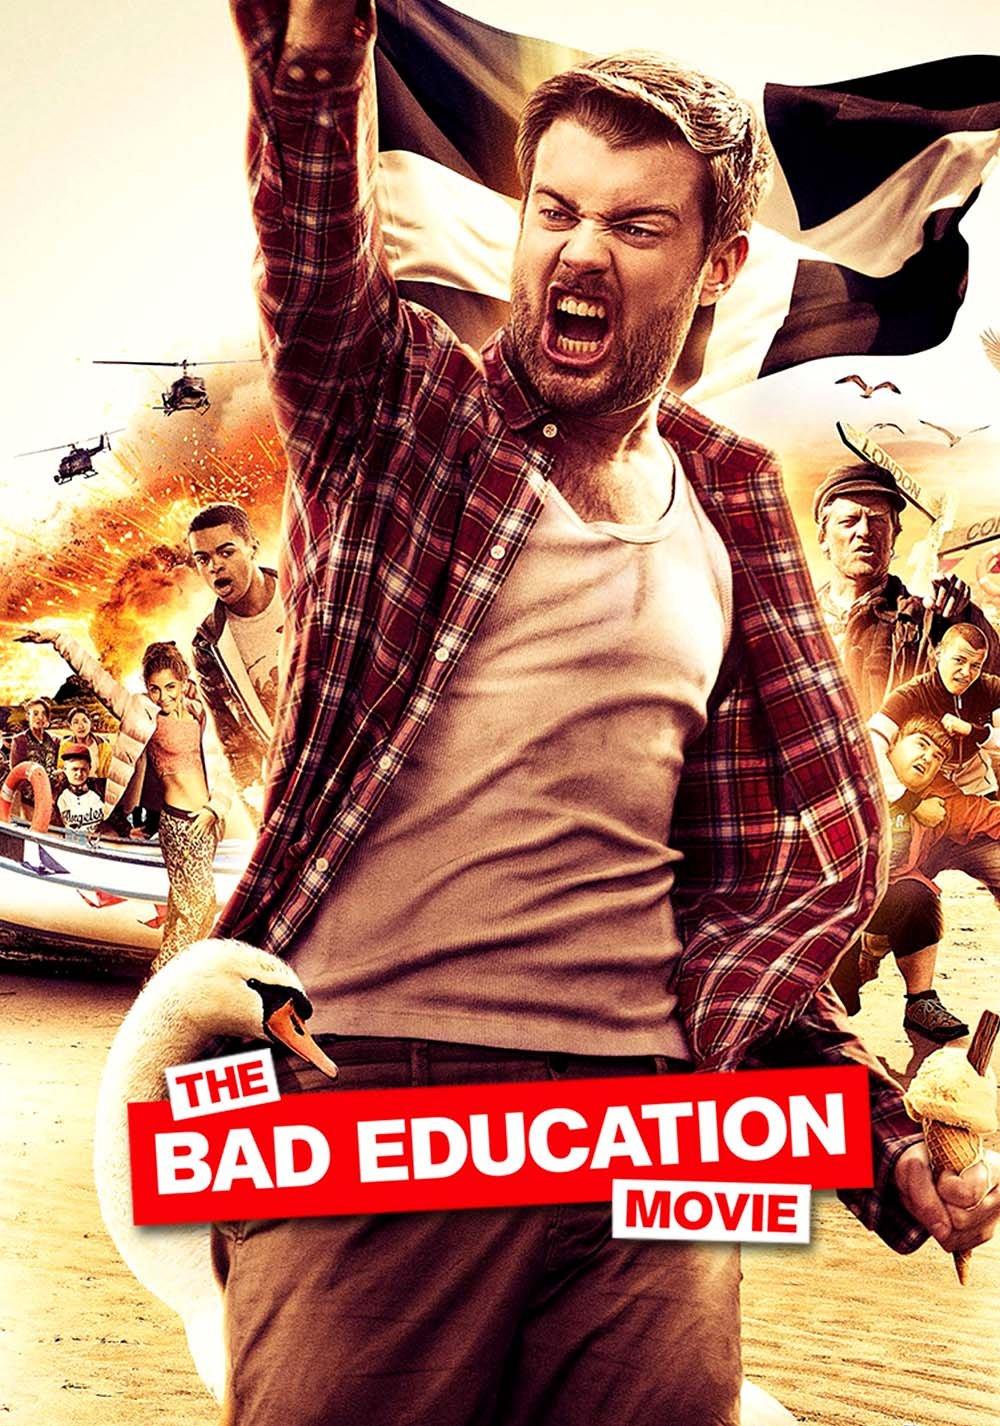 ფილმი ცუდი განათლების შესახებ / The Bad Education Movie